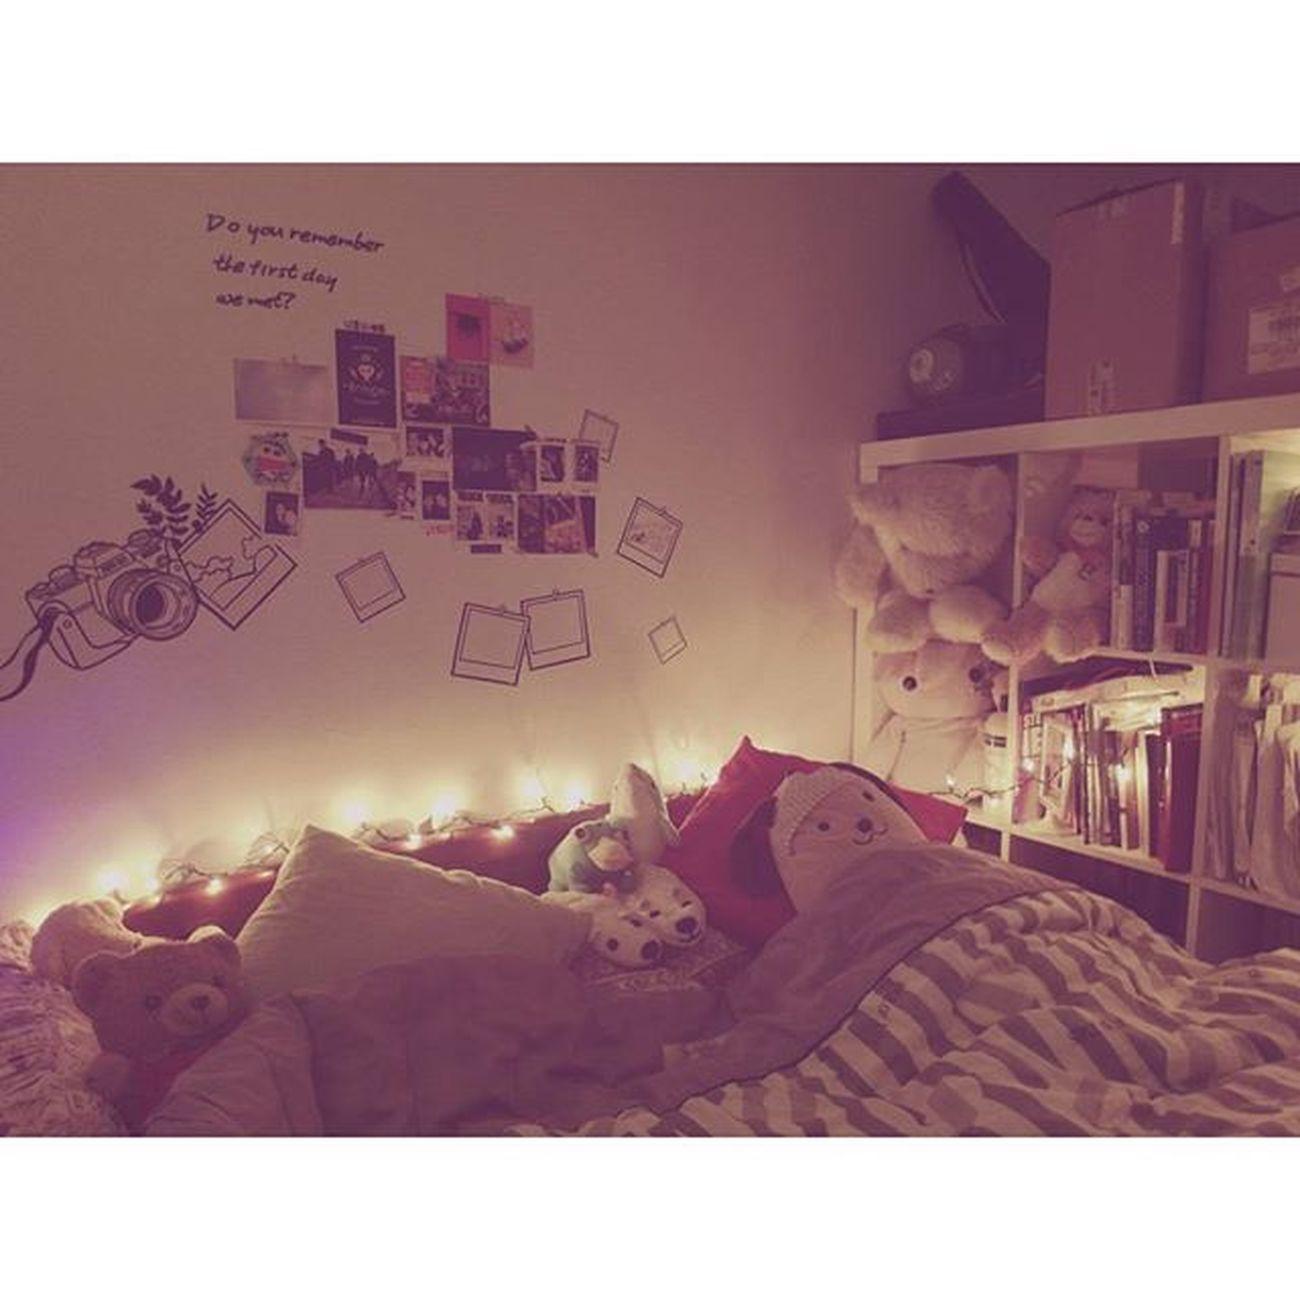 メリクリスマス🎄 メリクリスマス 部屋 This is the room which i want since i was a child, a Christmas room ! There is light everywhere in this area! 我夢寐以求的小房間,聖誕節味道的樣子,燈光佈滿整個房間。